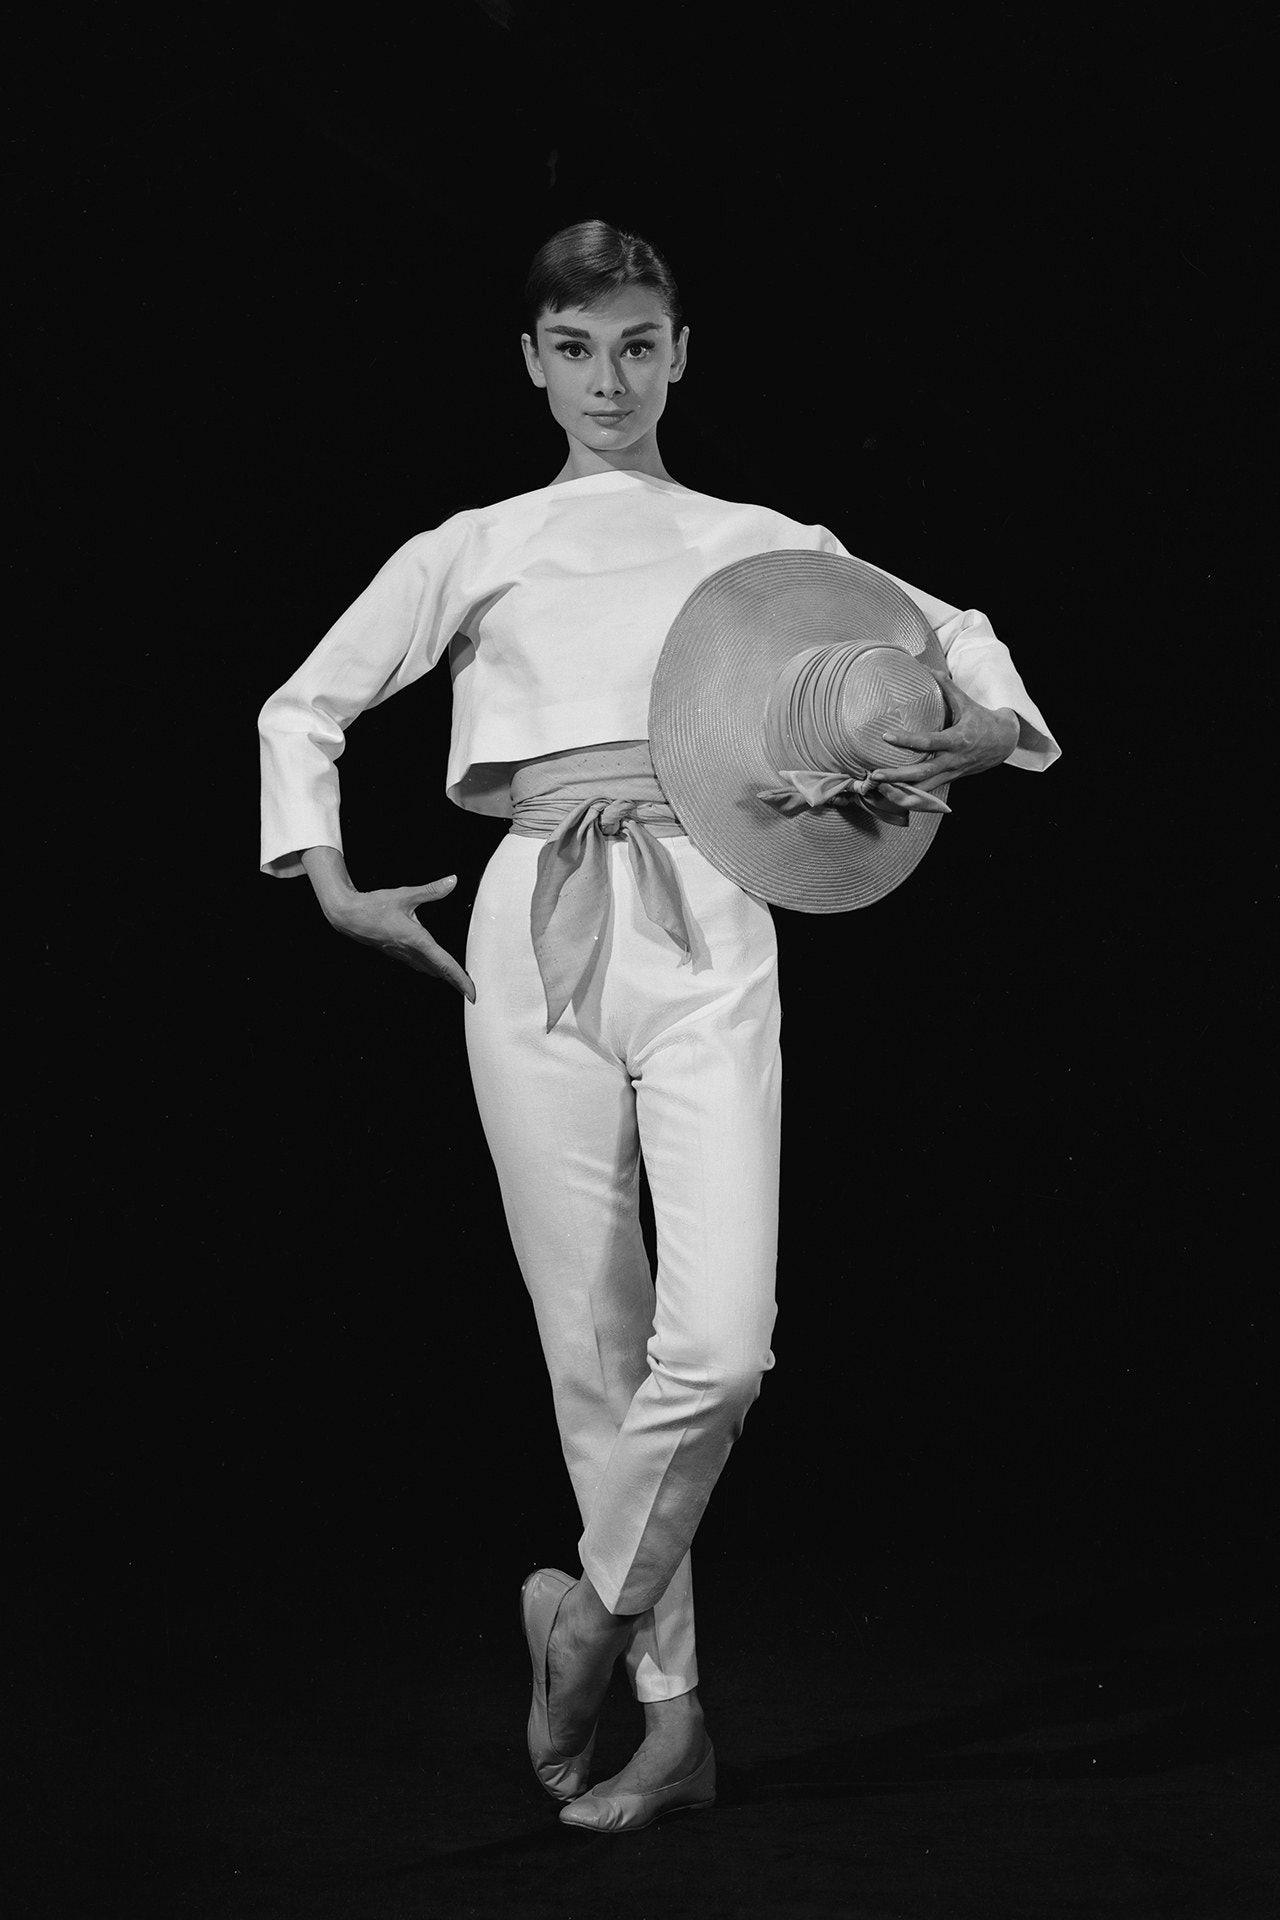 Audrey Hepburn and Hubert de Givenchy's iconic friendship in 25 vintage photos | Audrey hepburn funny face, Audrey hepburn photos, Audrey hepburn givenchy